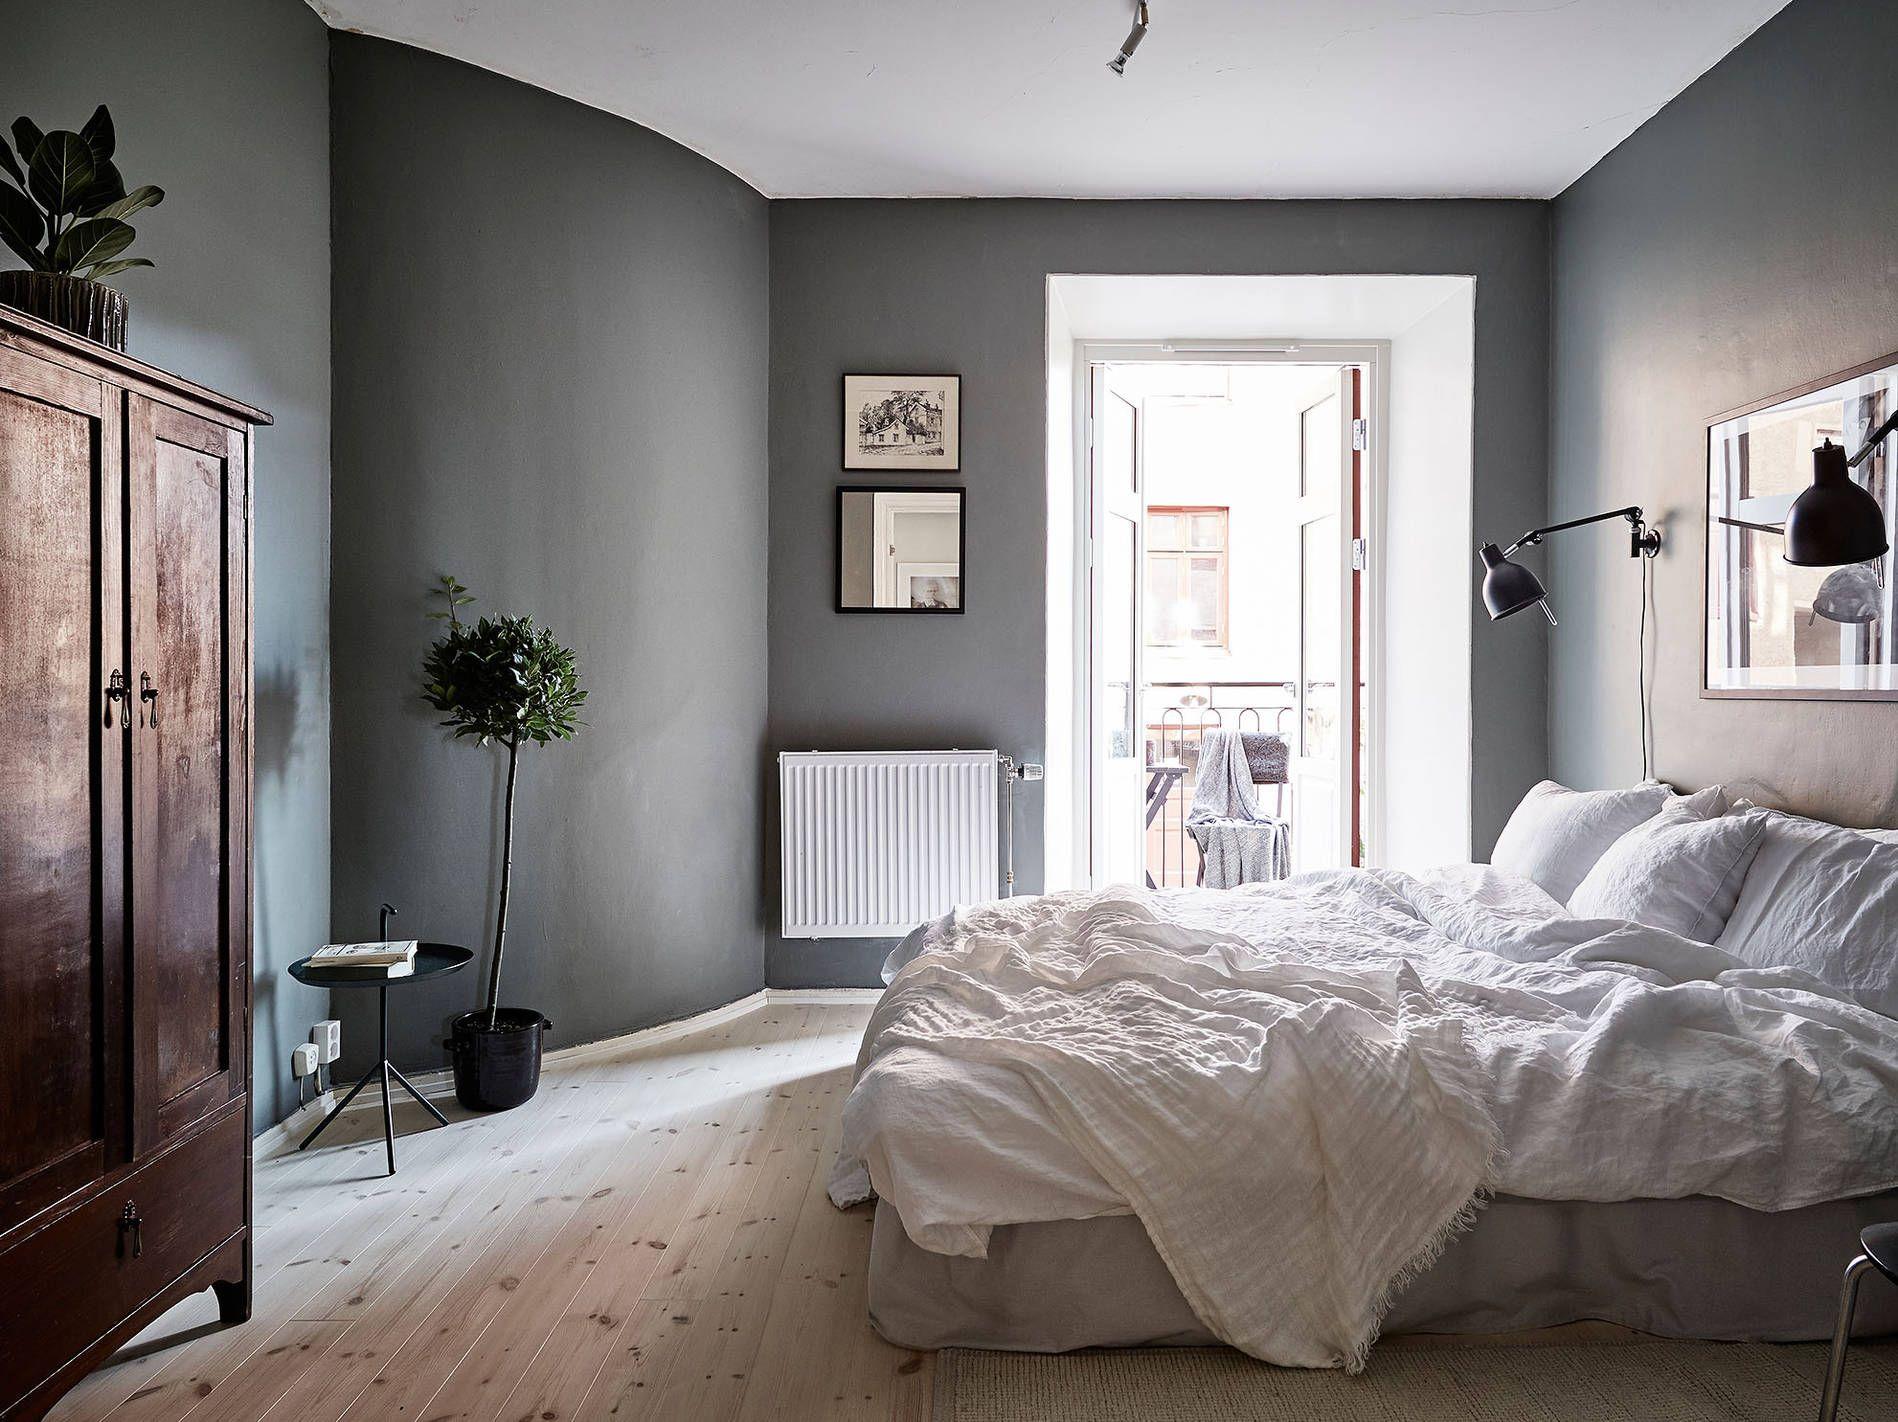 Moderna och eleganta sovrum designade av inredningsarkitekter